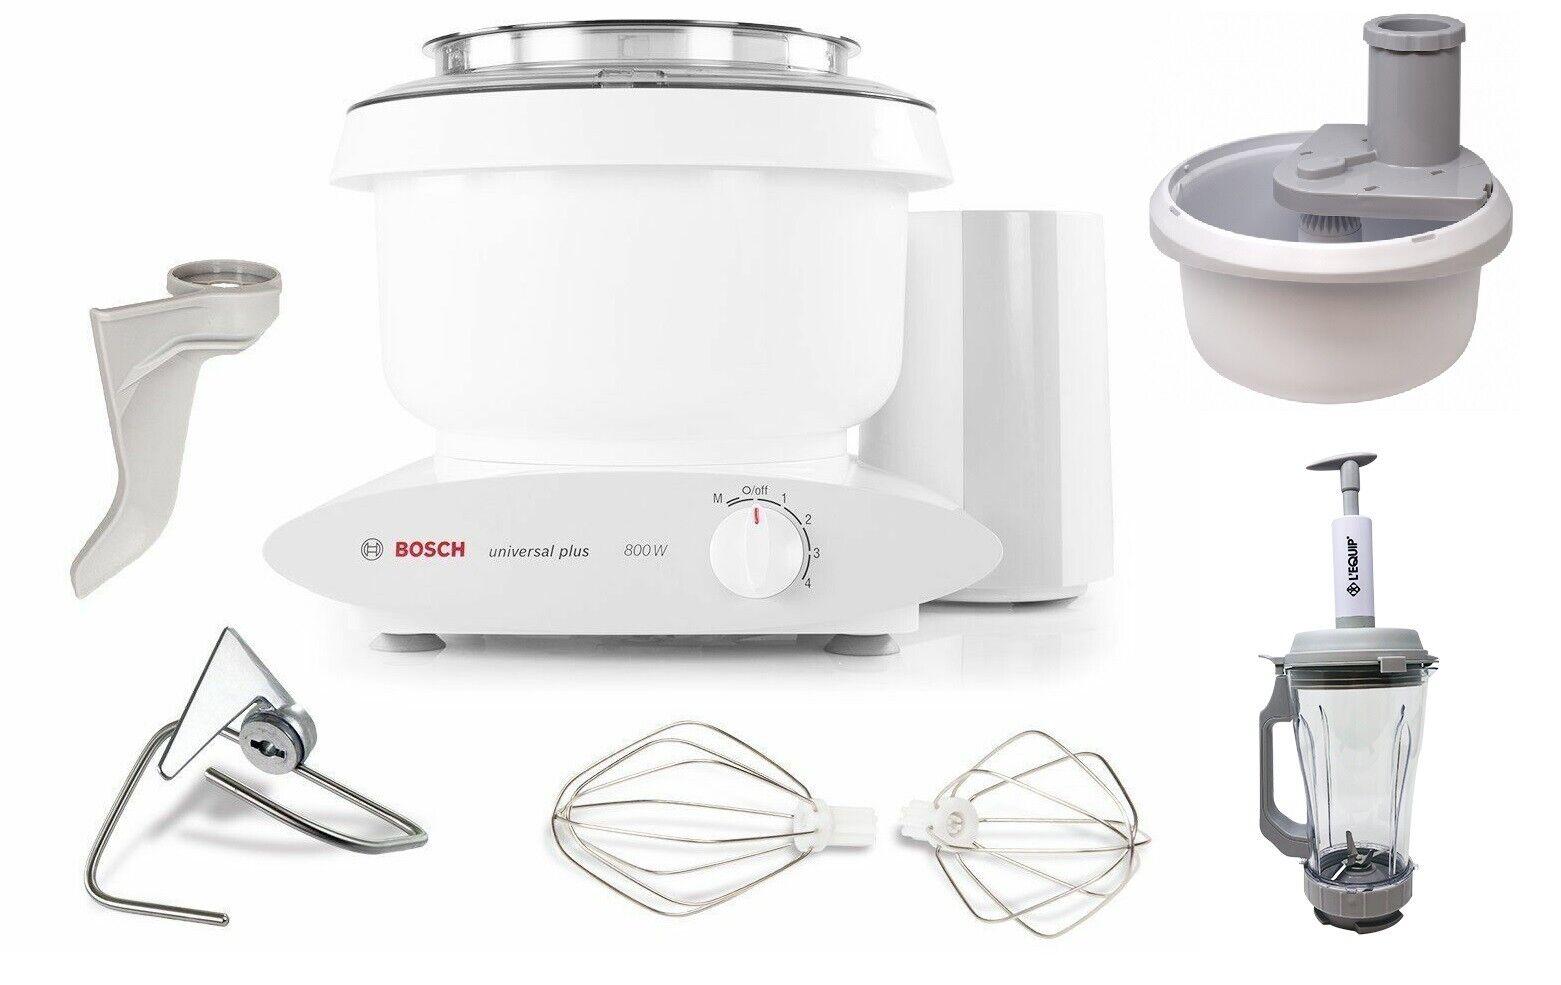 Bosch Universal Plus 800W 6.5 Qt Kitchen Mixer with Spiralizer & Vacuum Blender